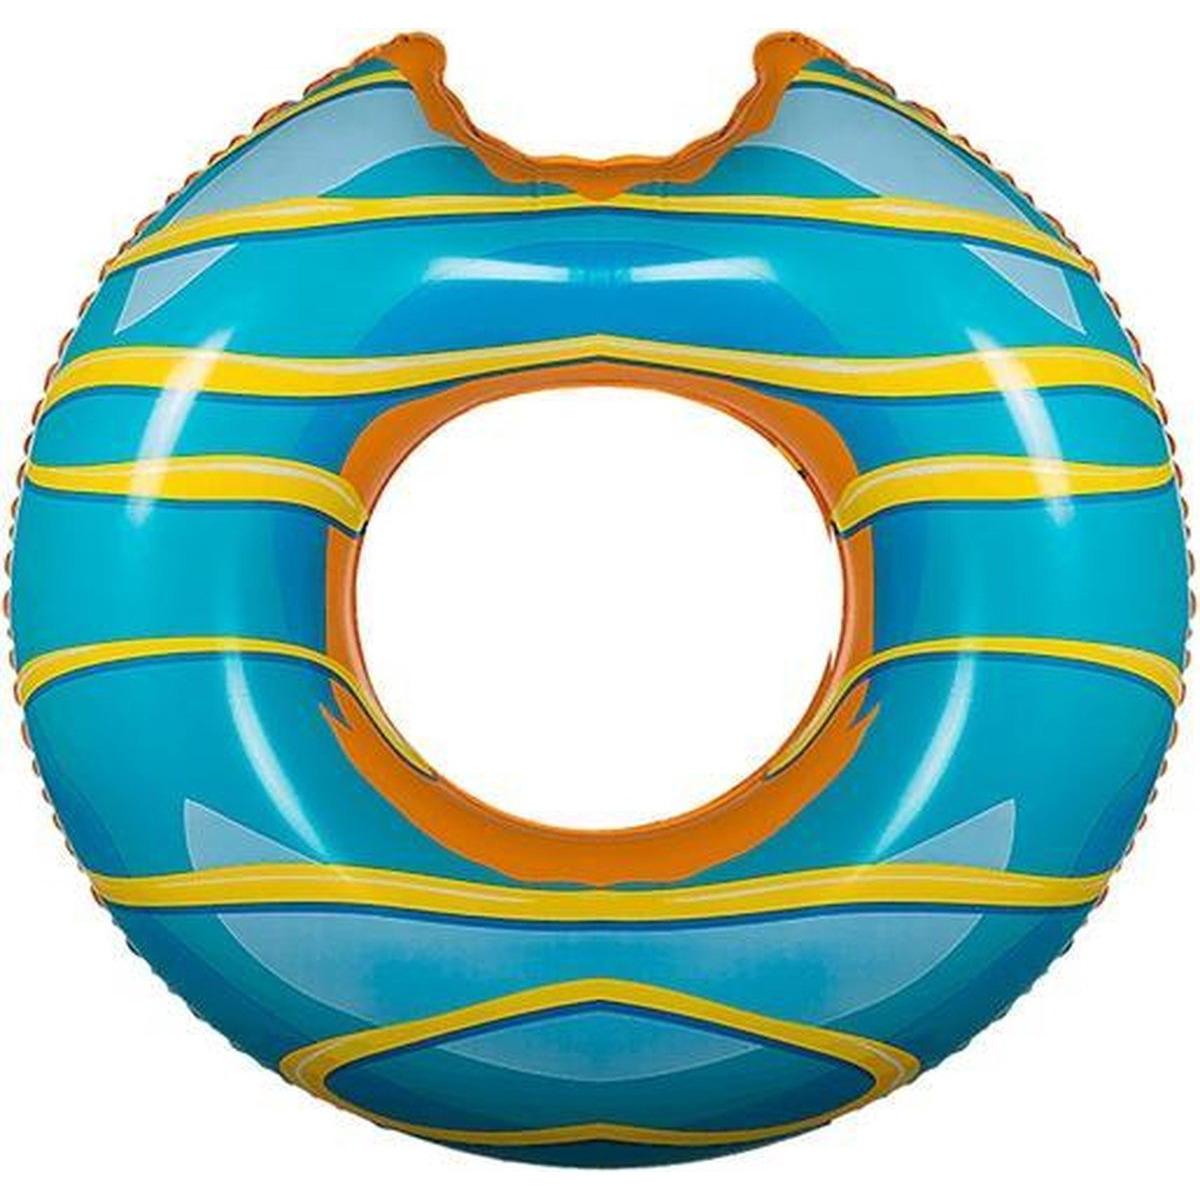 Blauwe donut zwemband